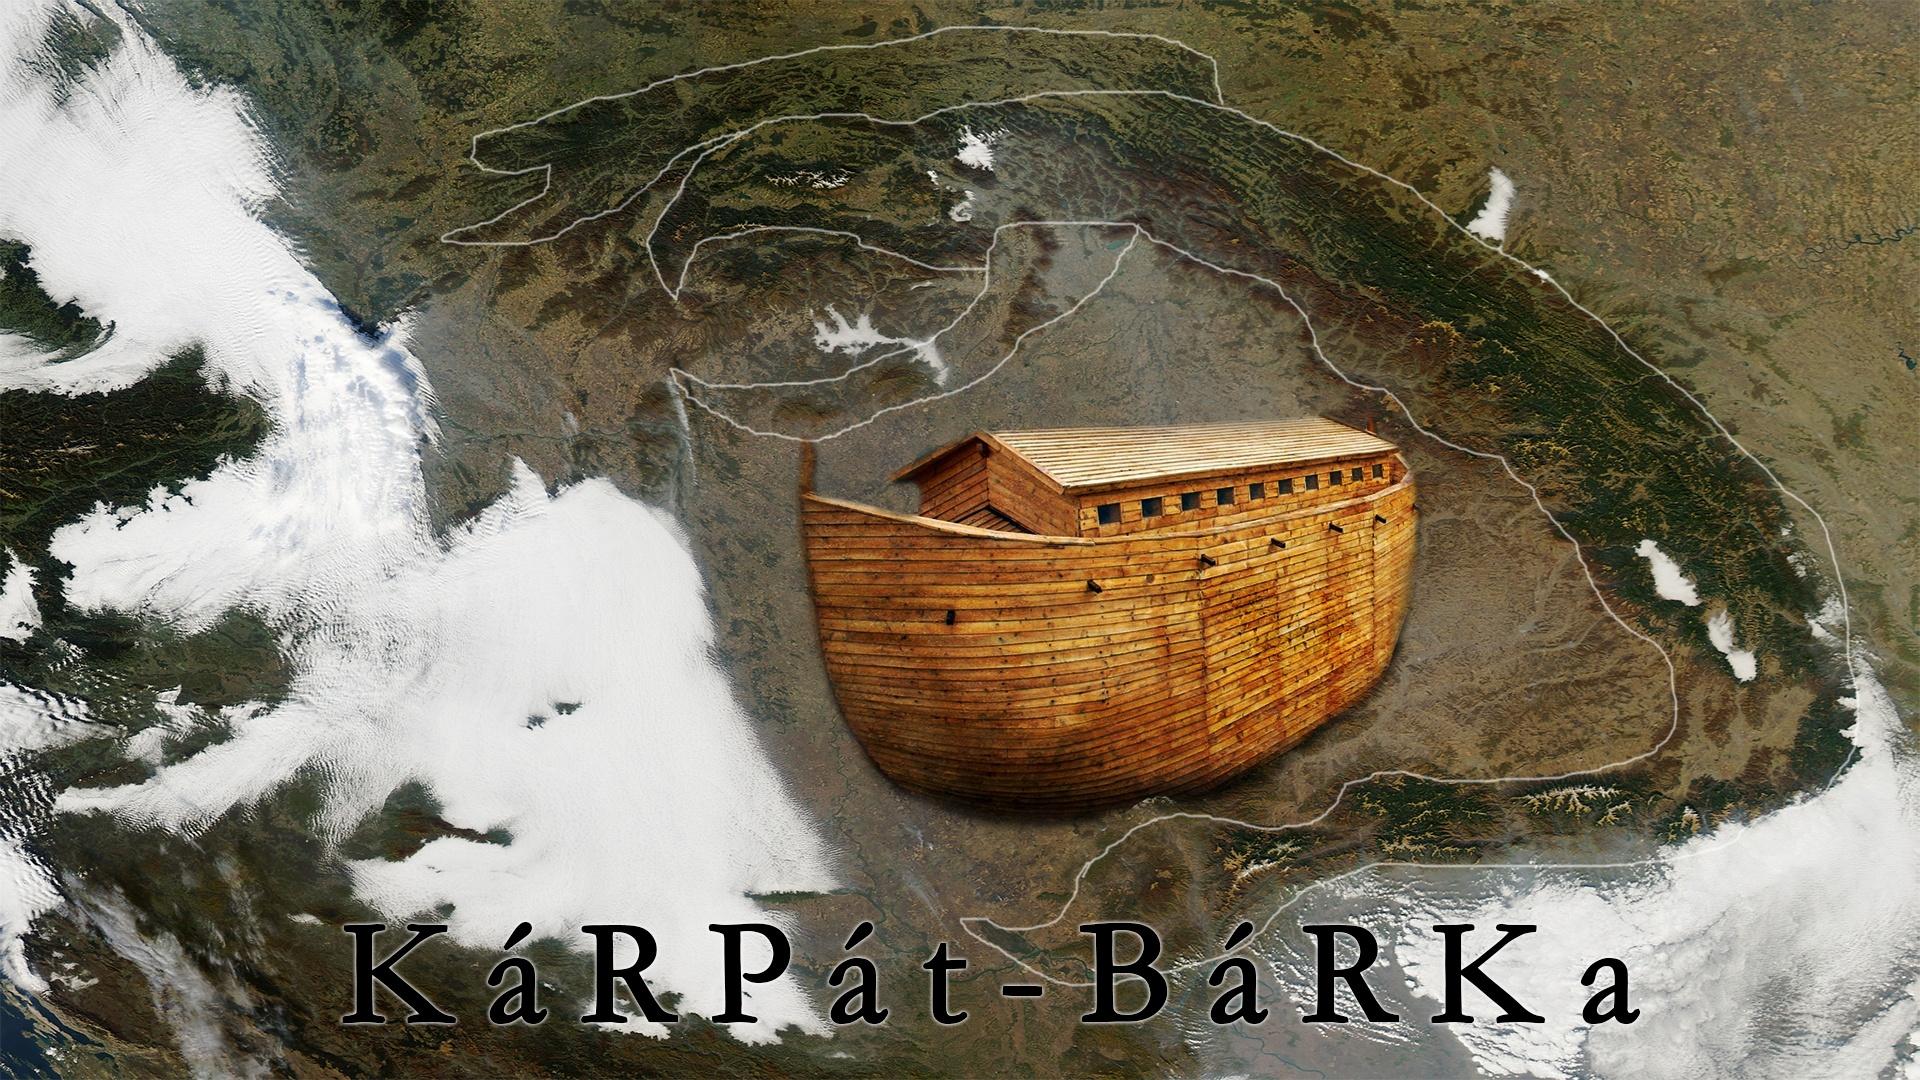 barka - karpat 02 (1).jpg